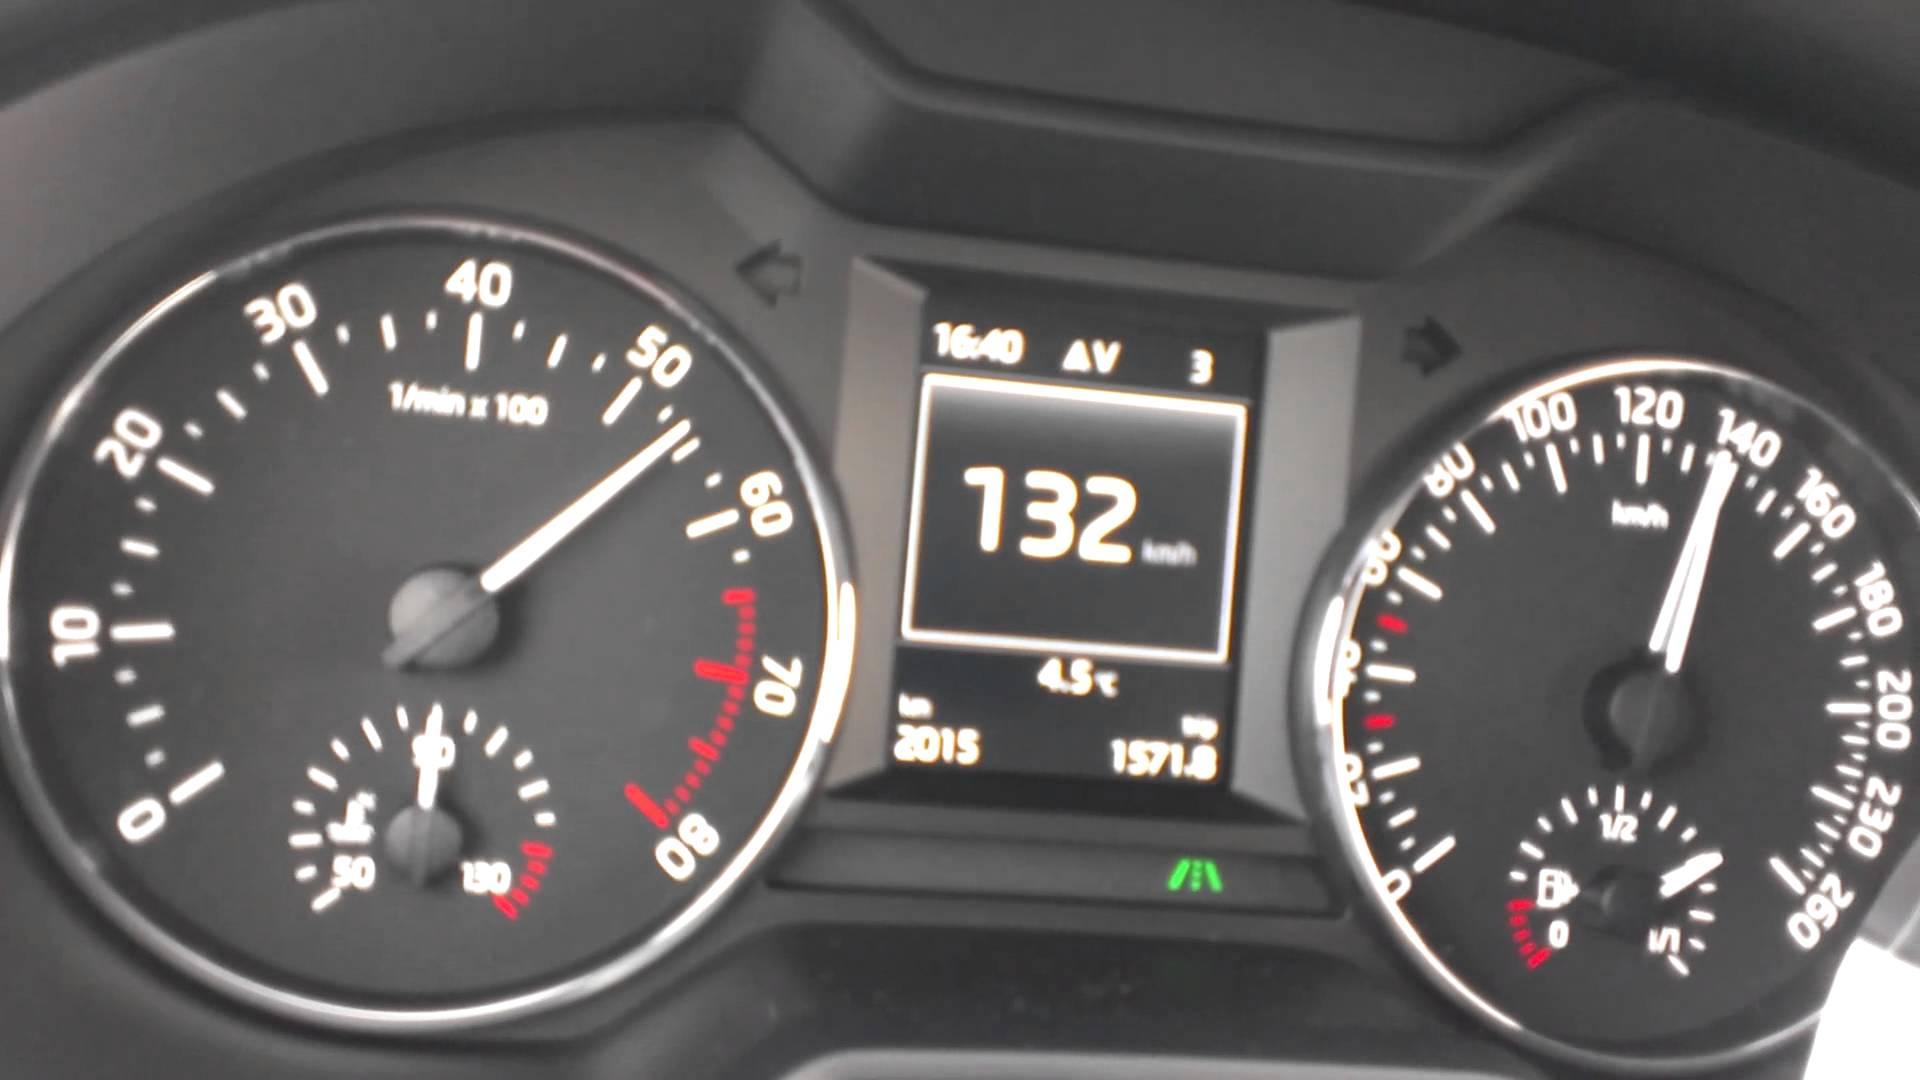 Škoda octavia III 1.4 TSI 103kW 250NM akcelerace